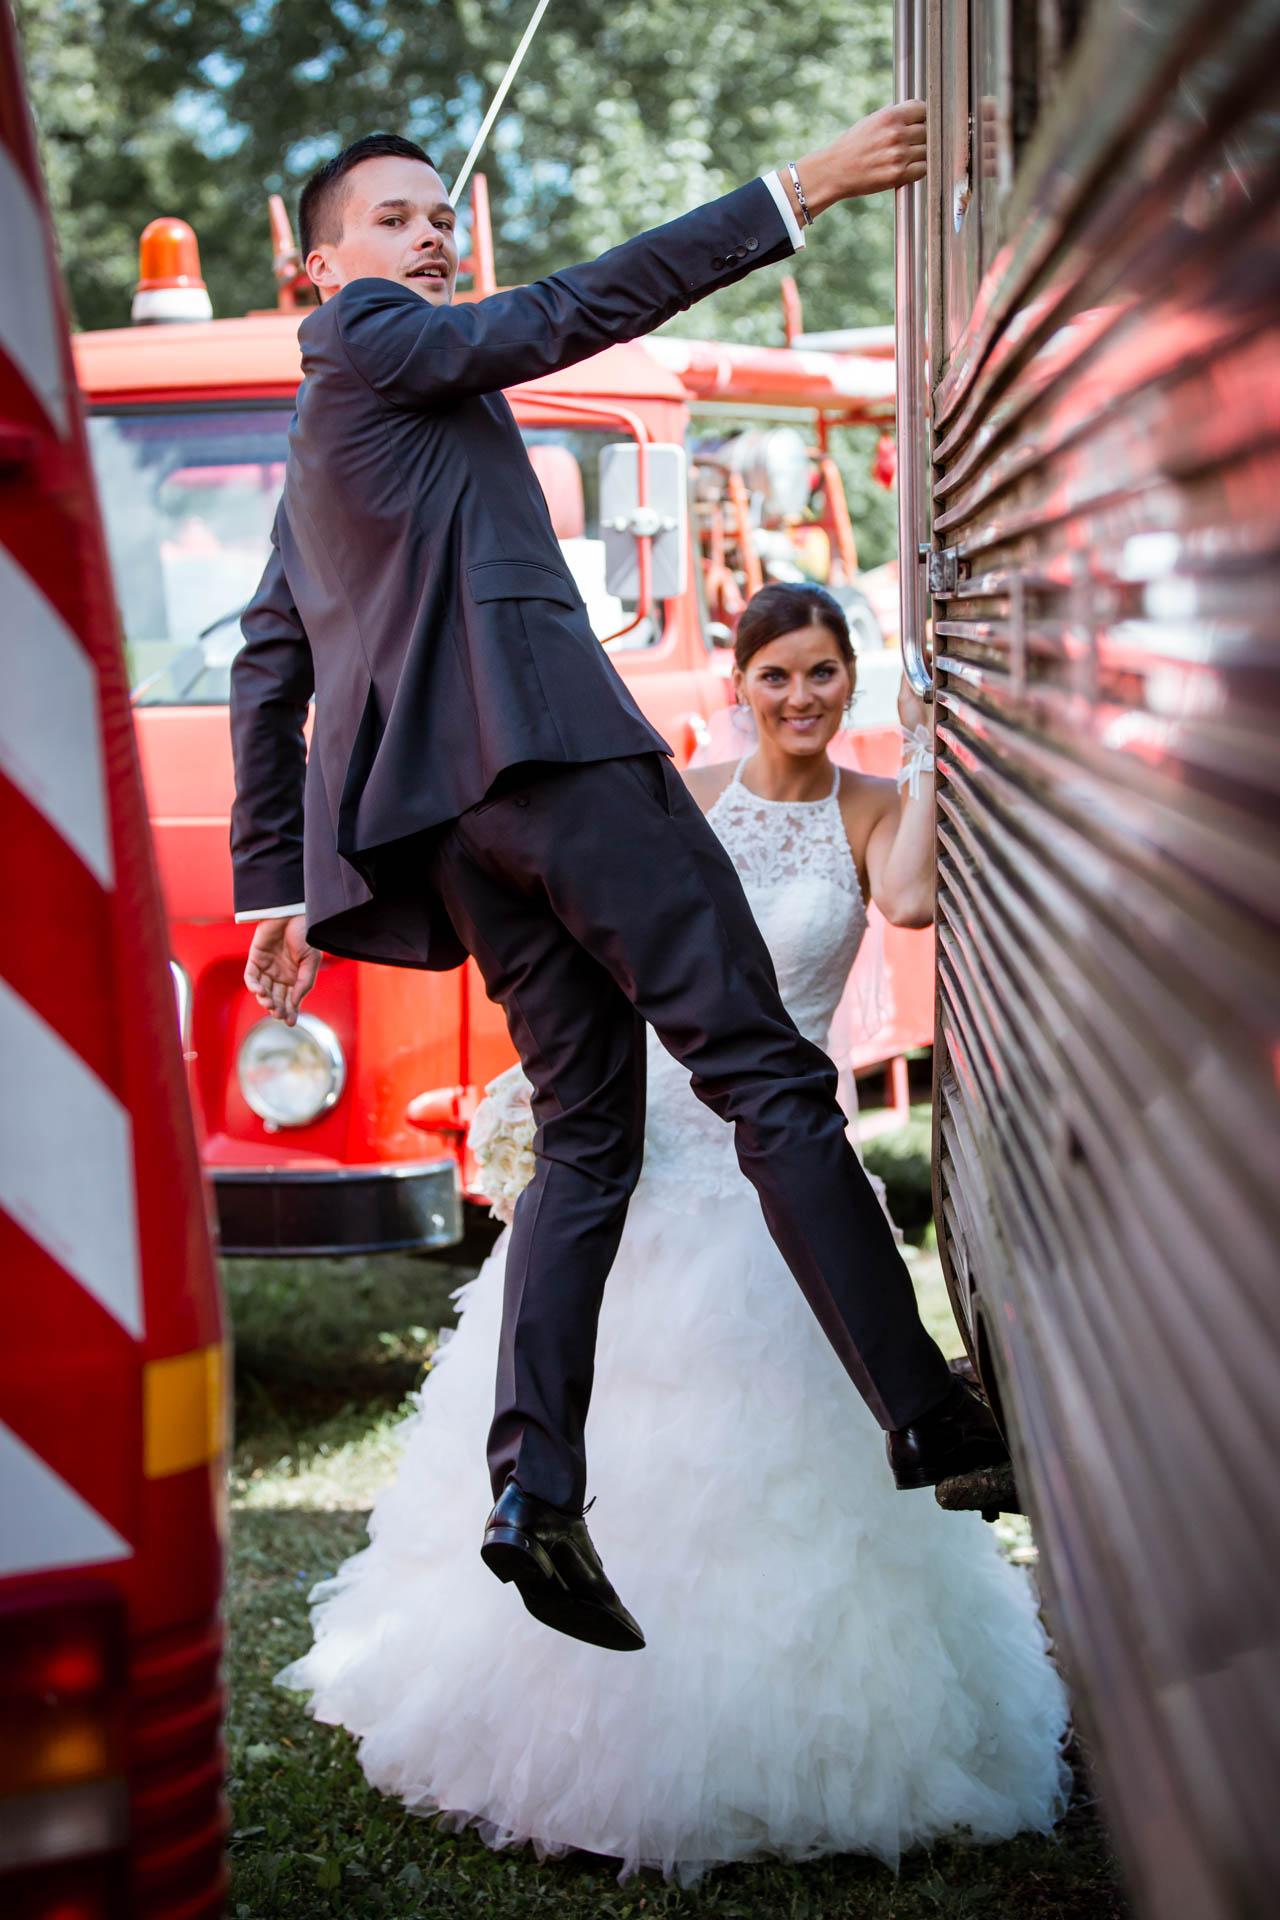 Mariage de Mallorye et Nicolas. Photo de couple devant un wagon au musee des sapeurs pompiers a Gex